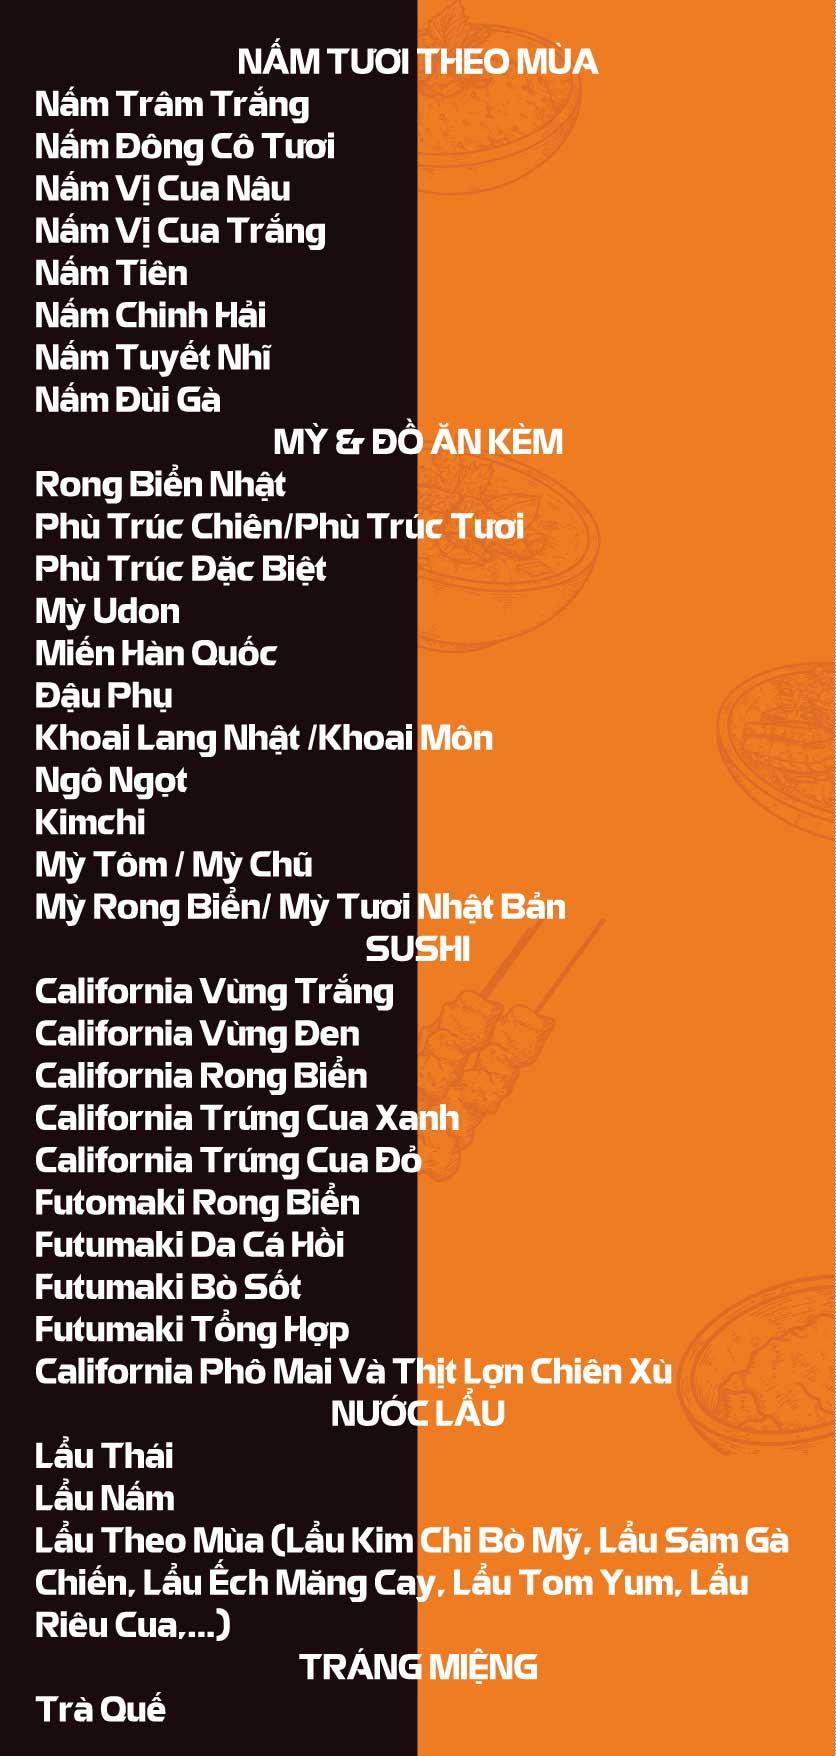 Menu Lẩu Băng Chuyền Kichi-Kichi - Linh Đàm 2